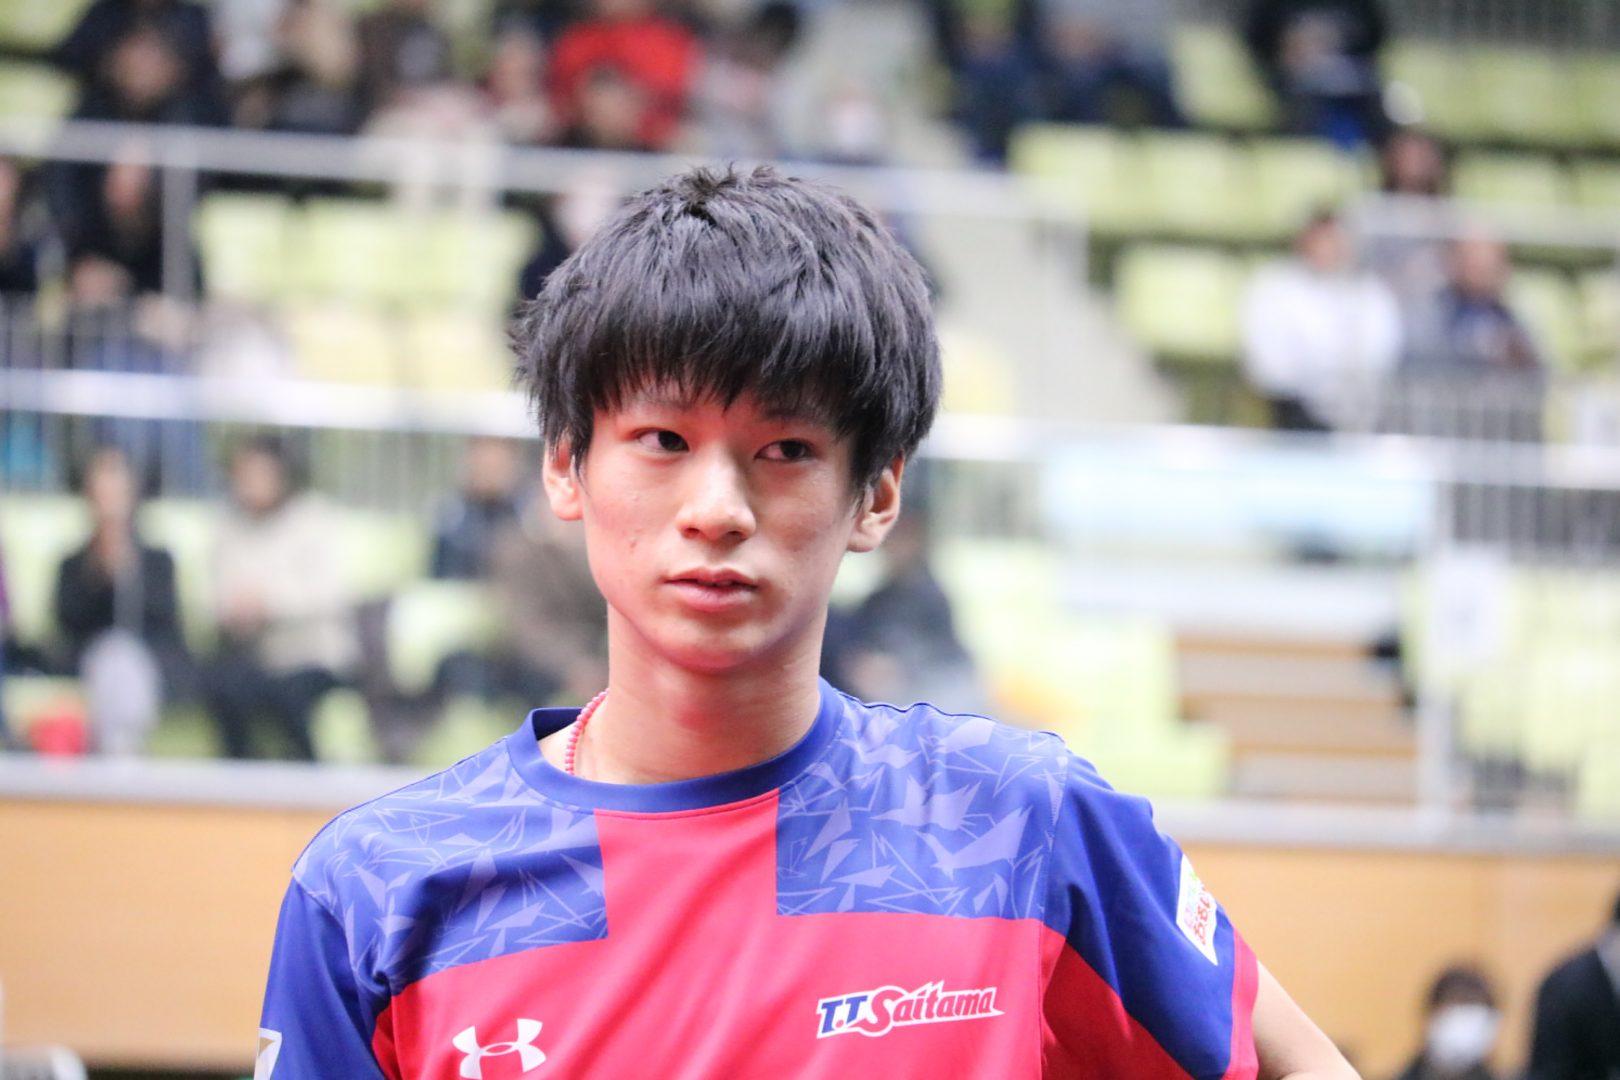 【卓球・Tリーグ】彩たまがKM東京に連勝 高校生・戸上が全日本王者の水谷を破る